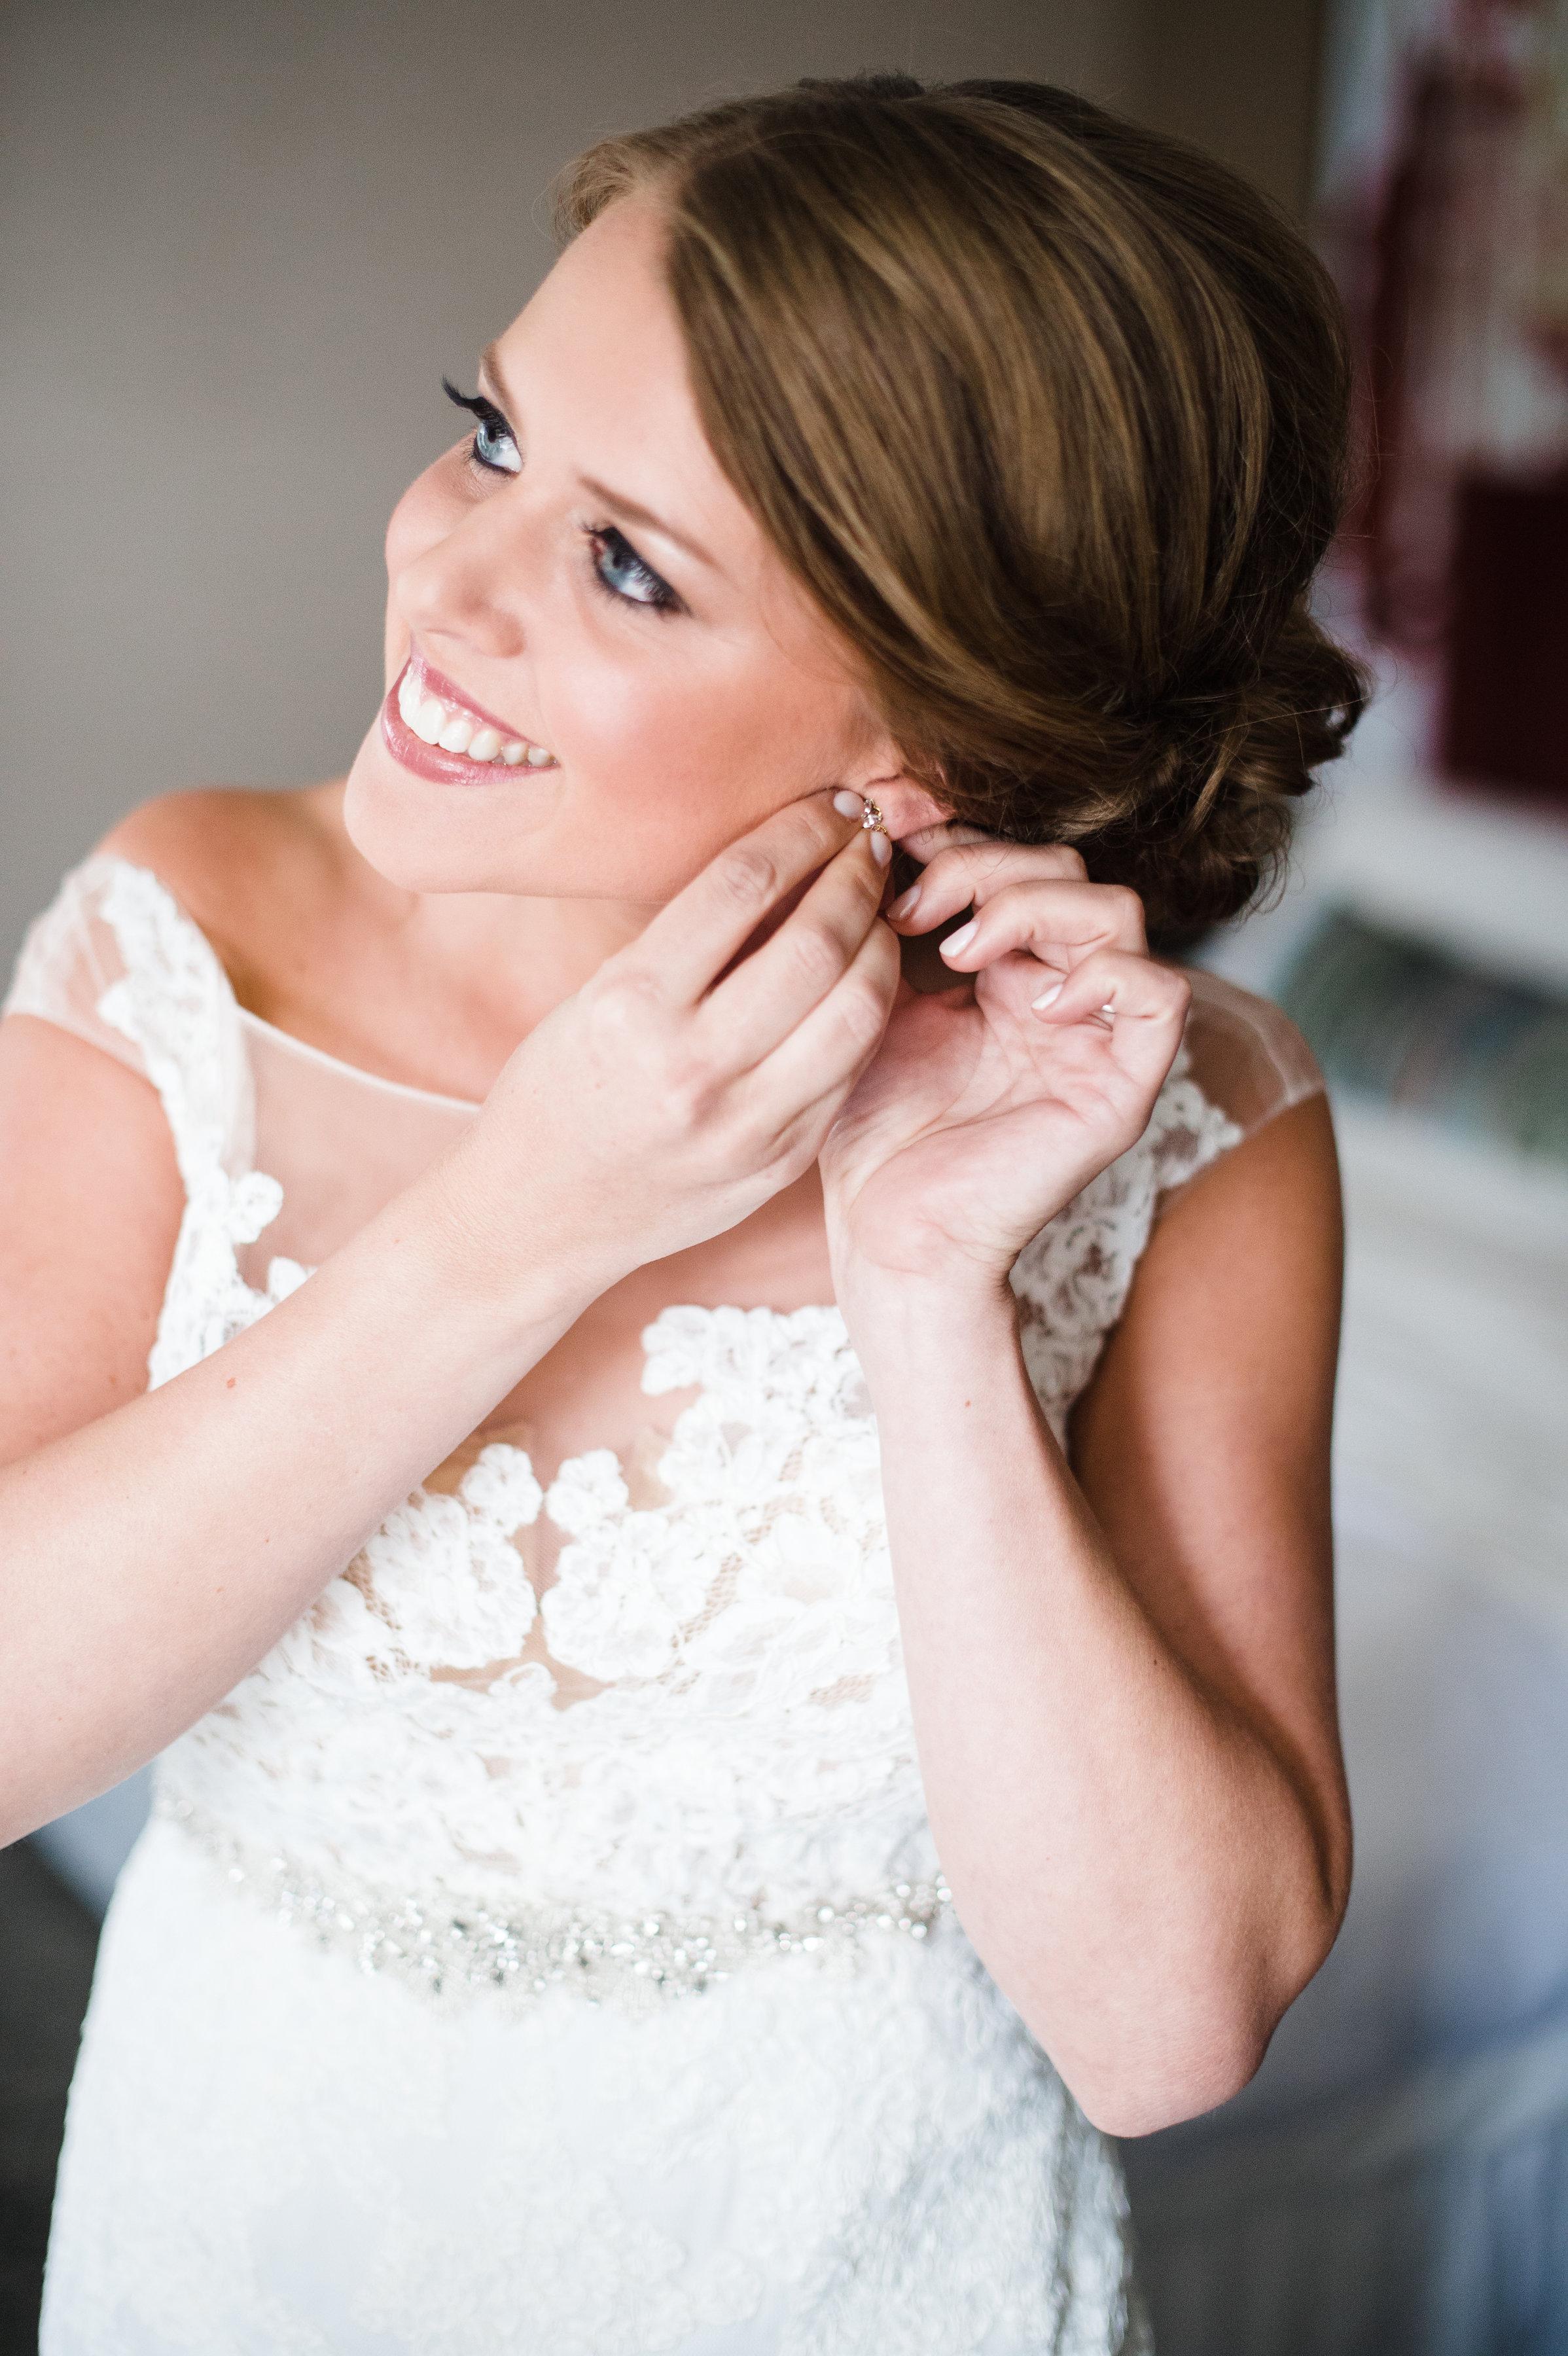 Amanda Megan Miller